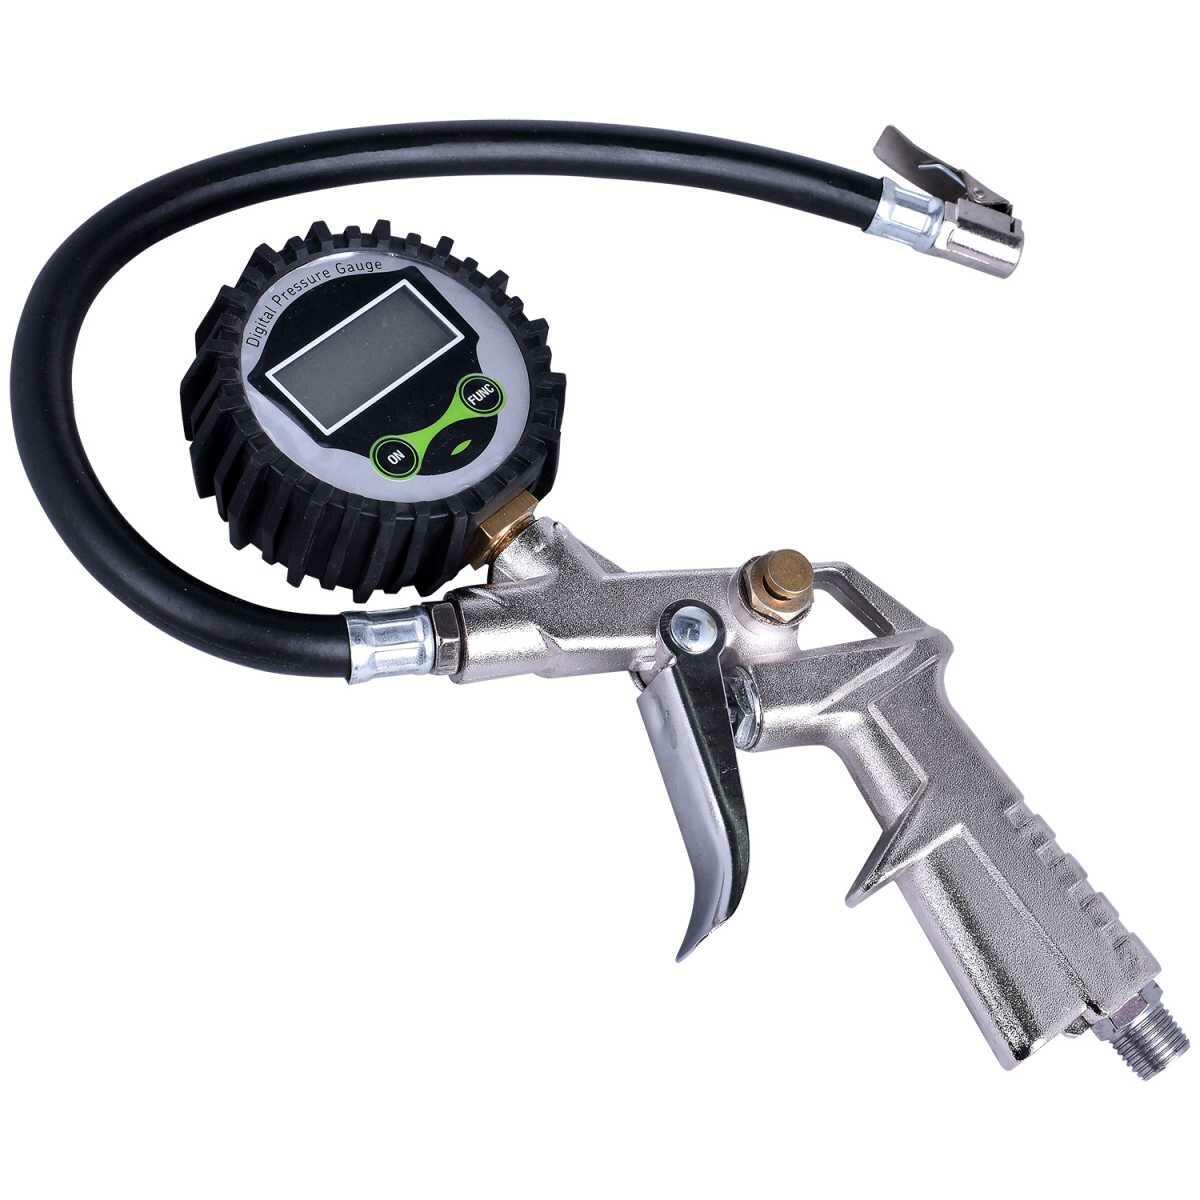 Calibrador de Pneus Digital Portátil 250 Libras 3155 Bremen